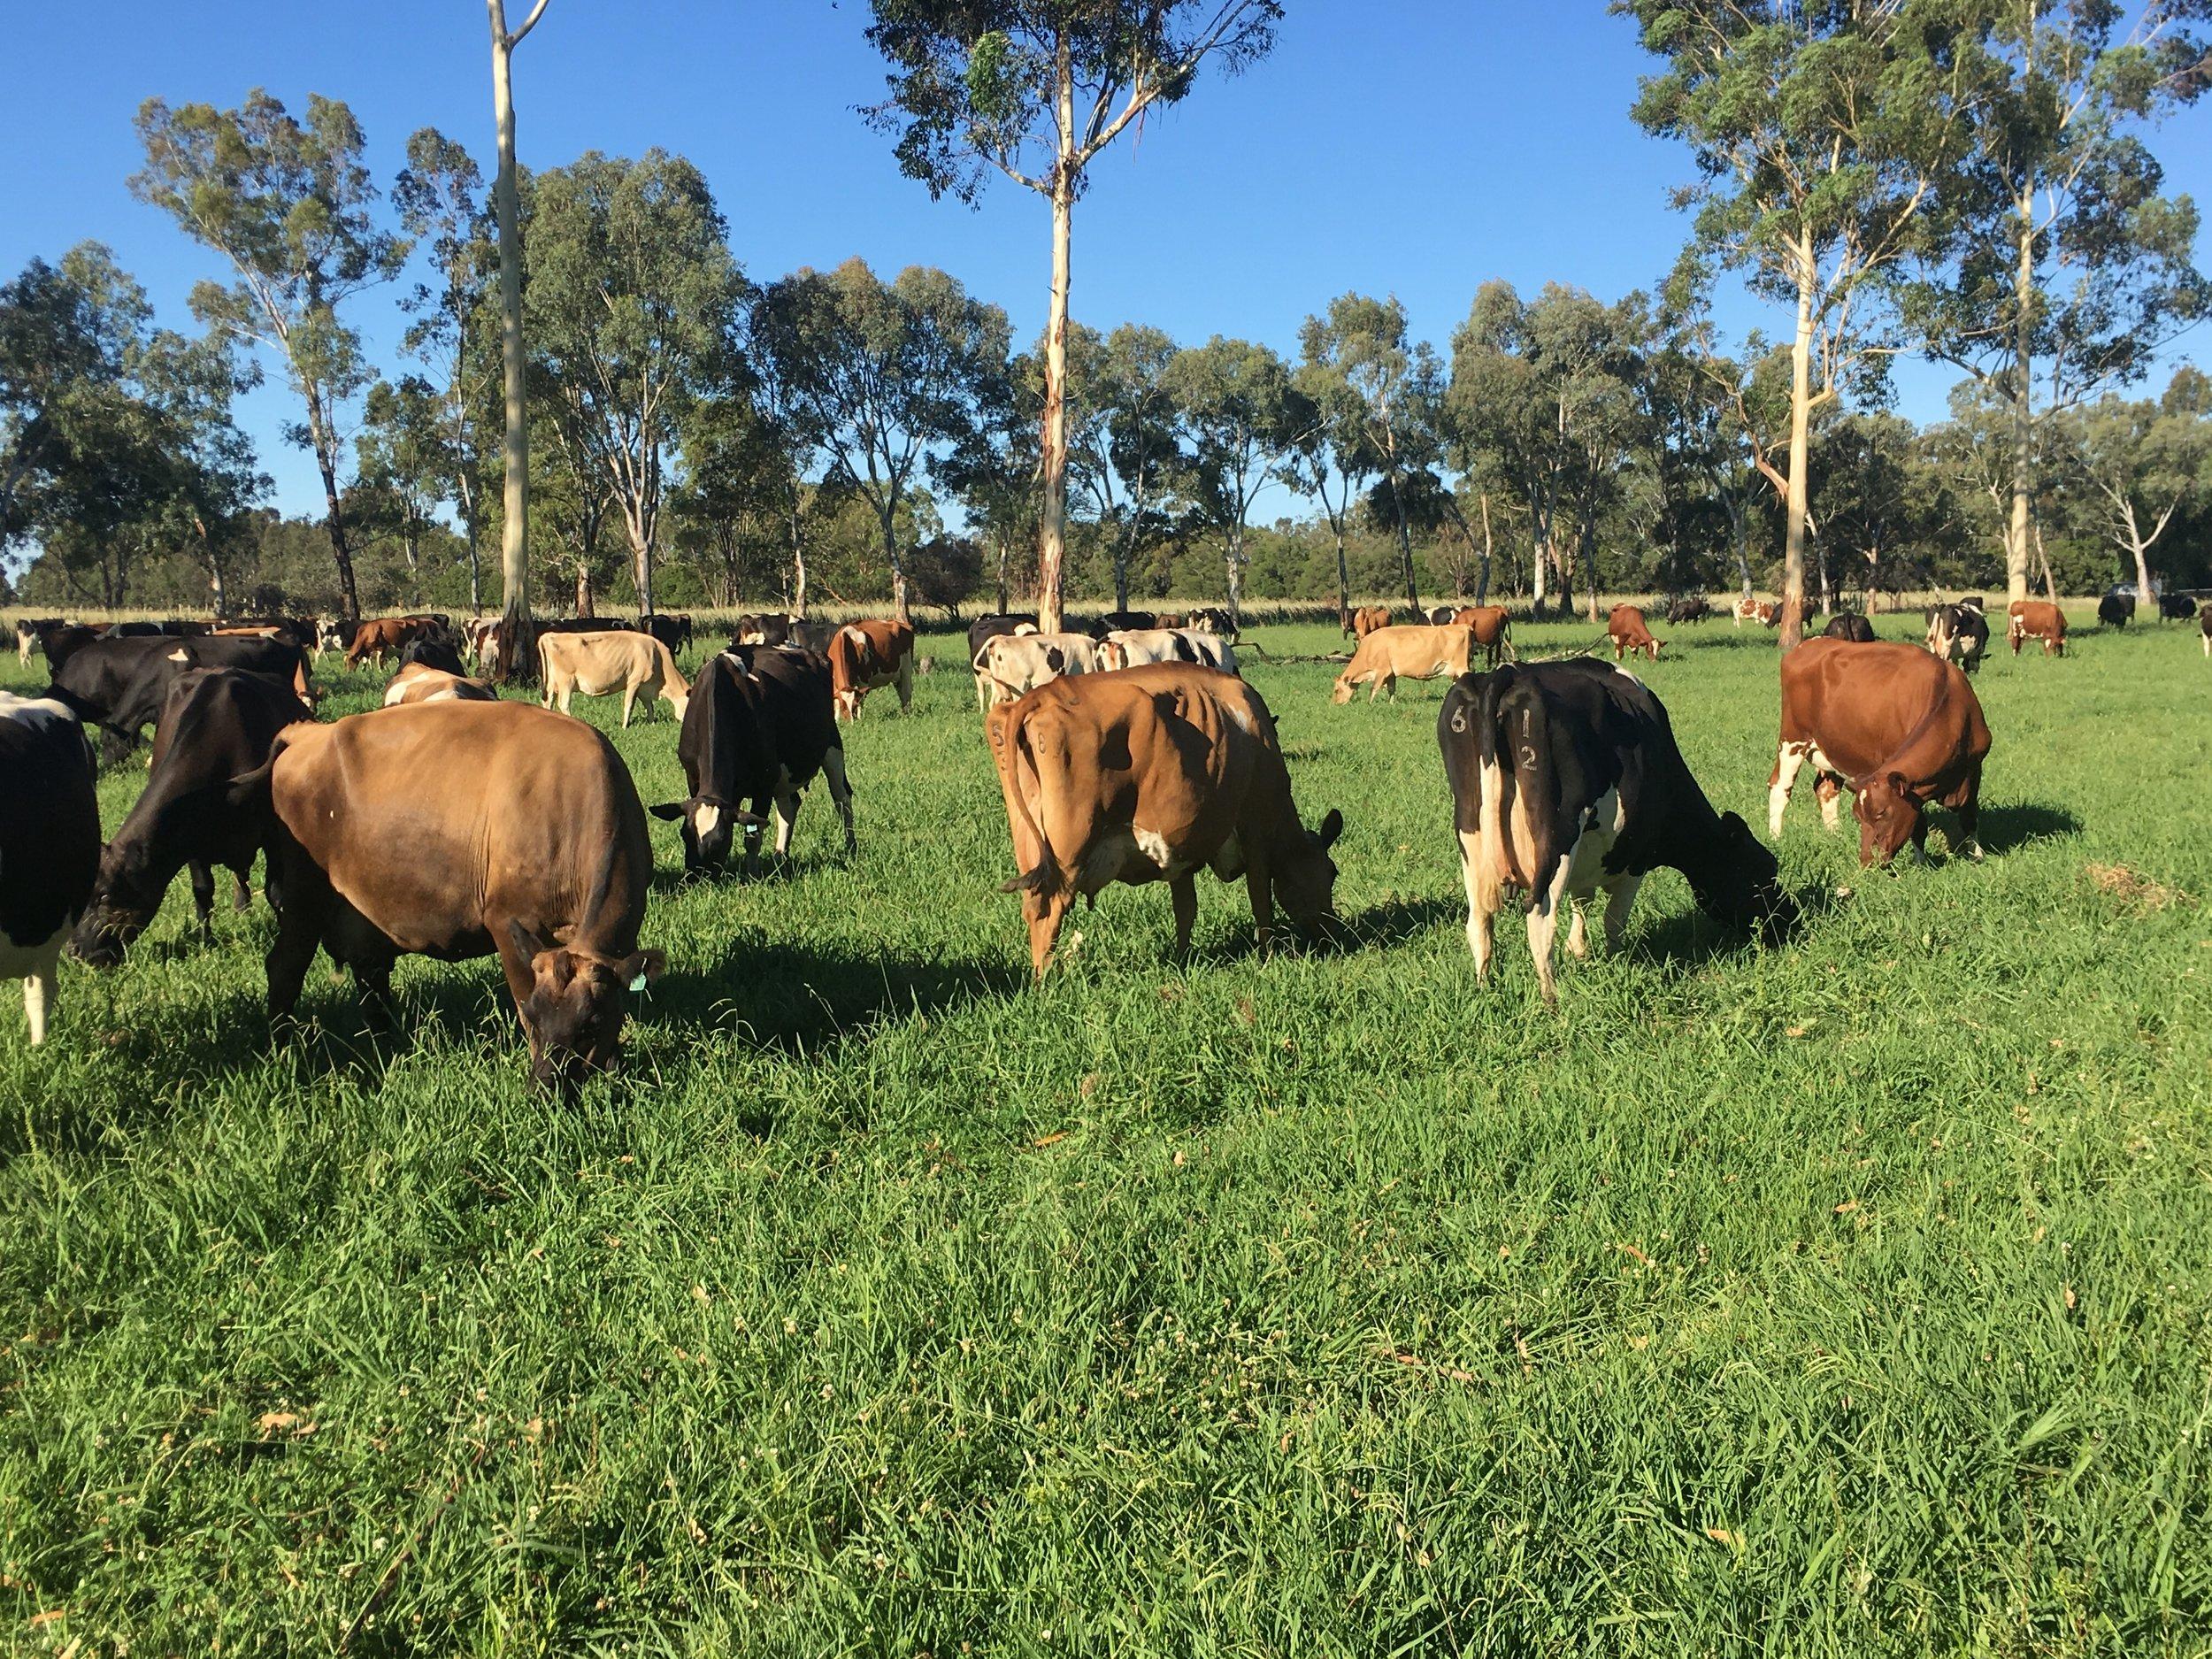 cows in paddock.jpg